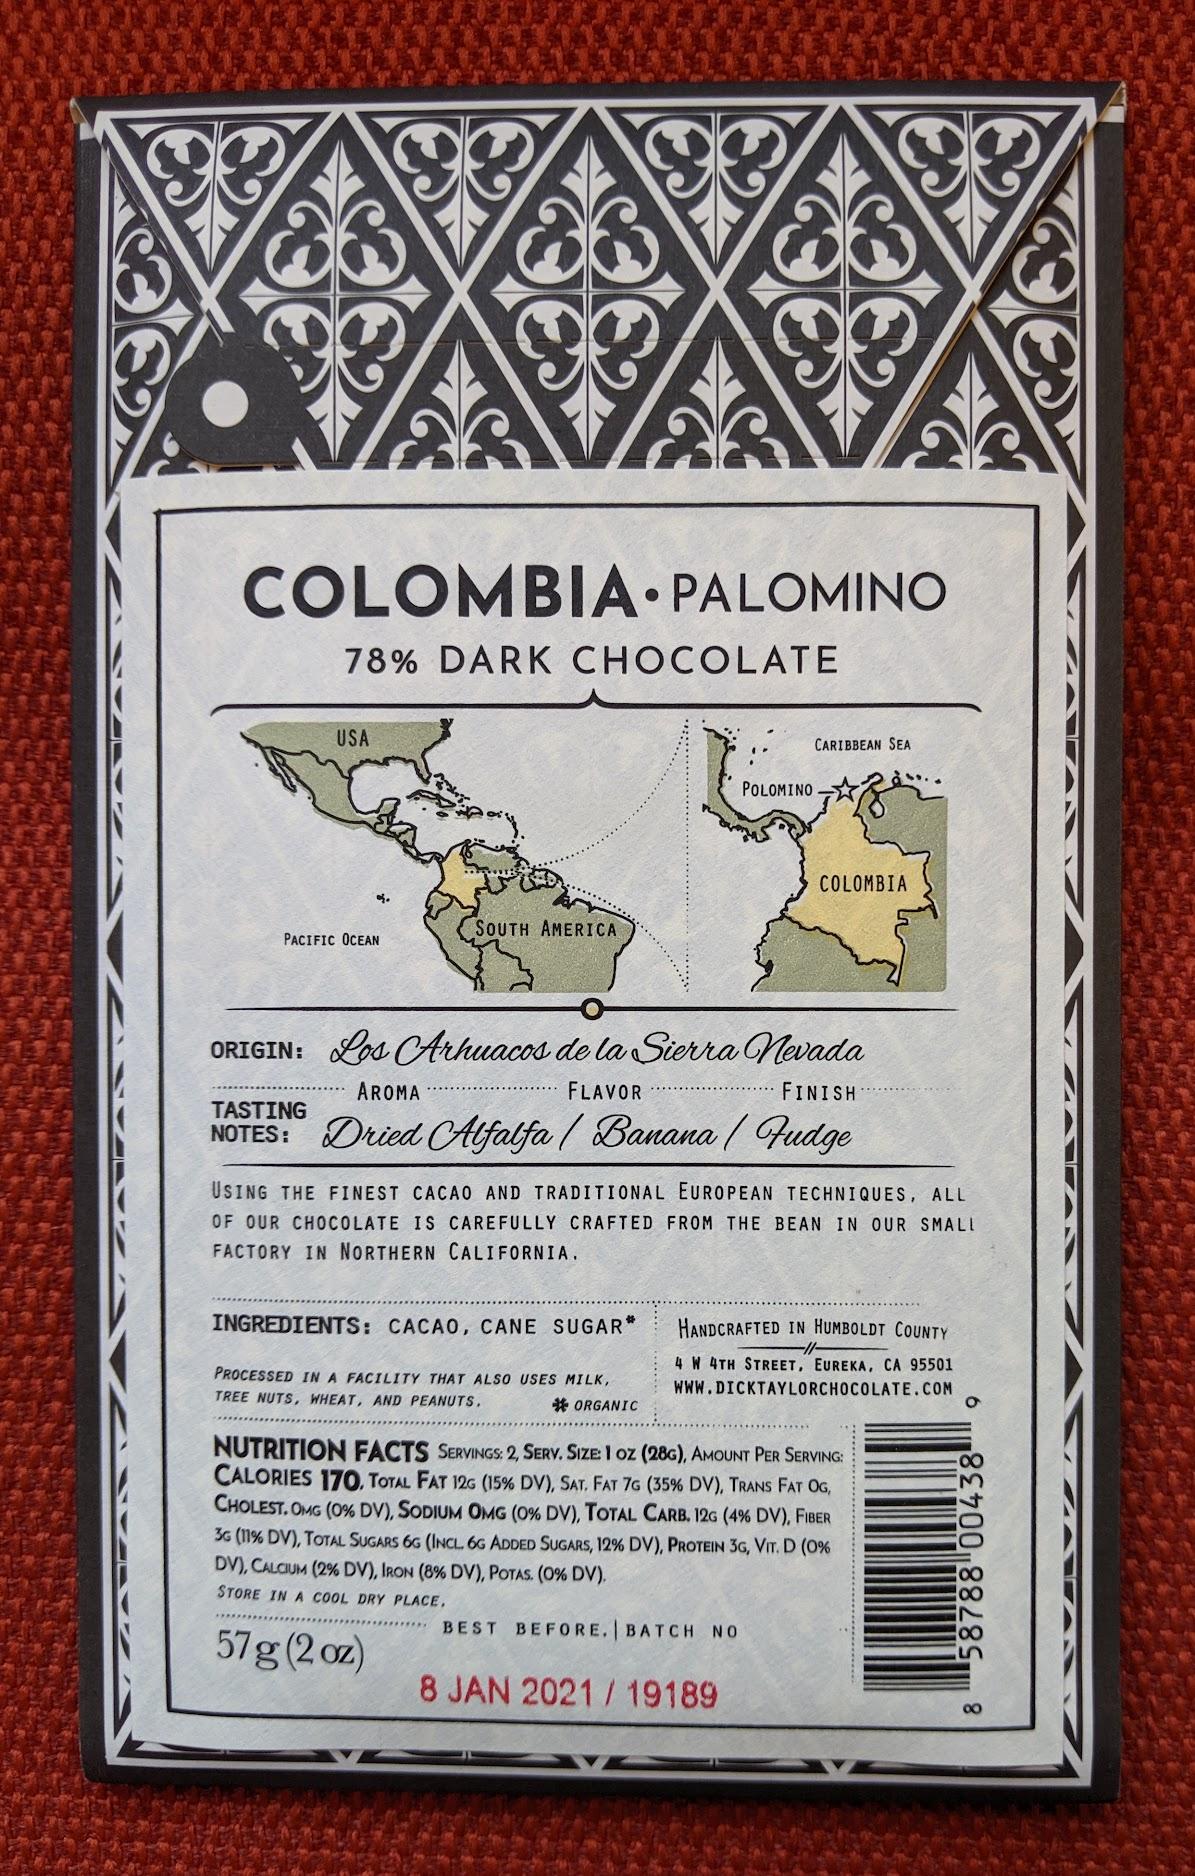 78% dick taylor colombia palomino bar